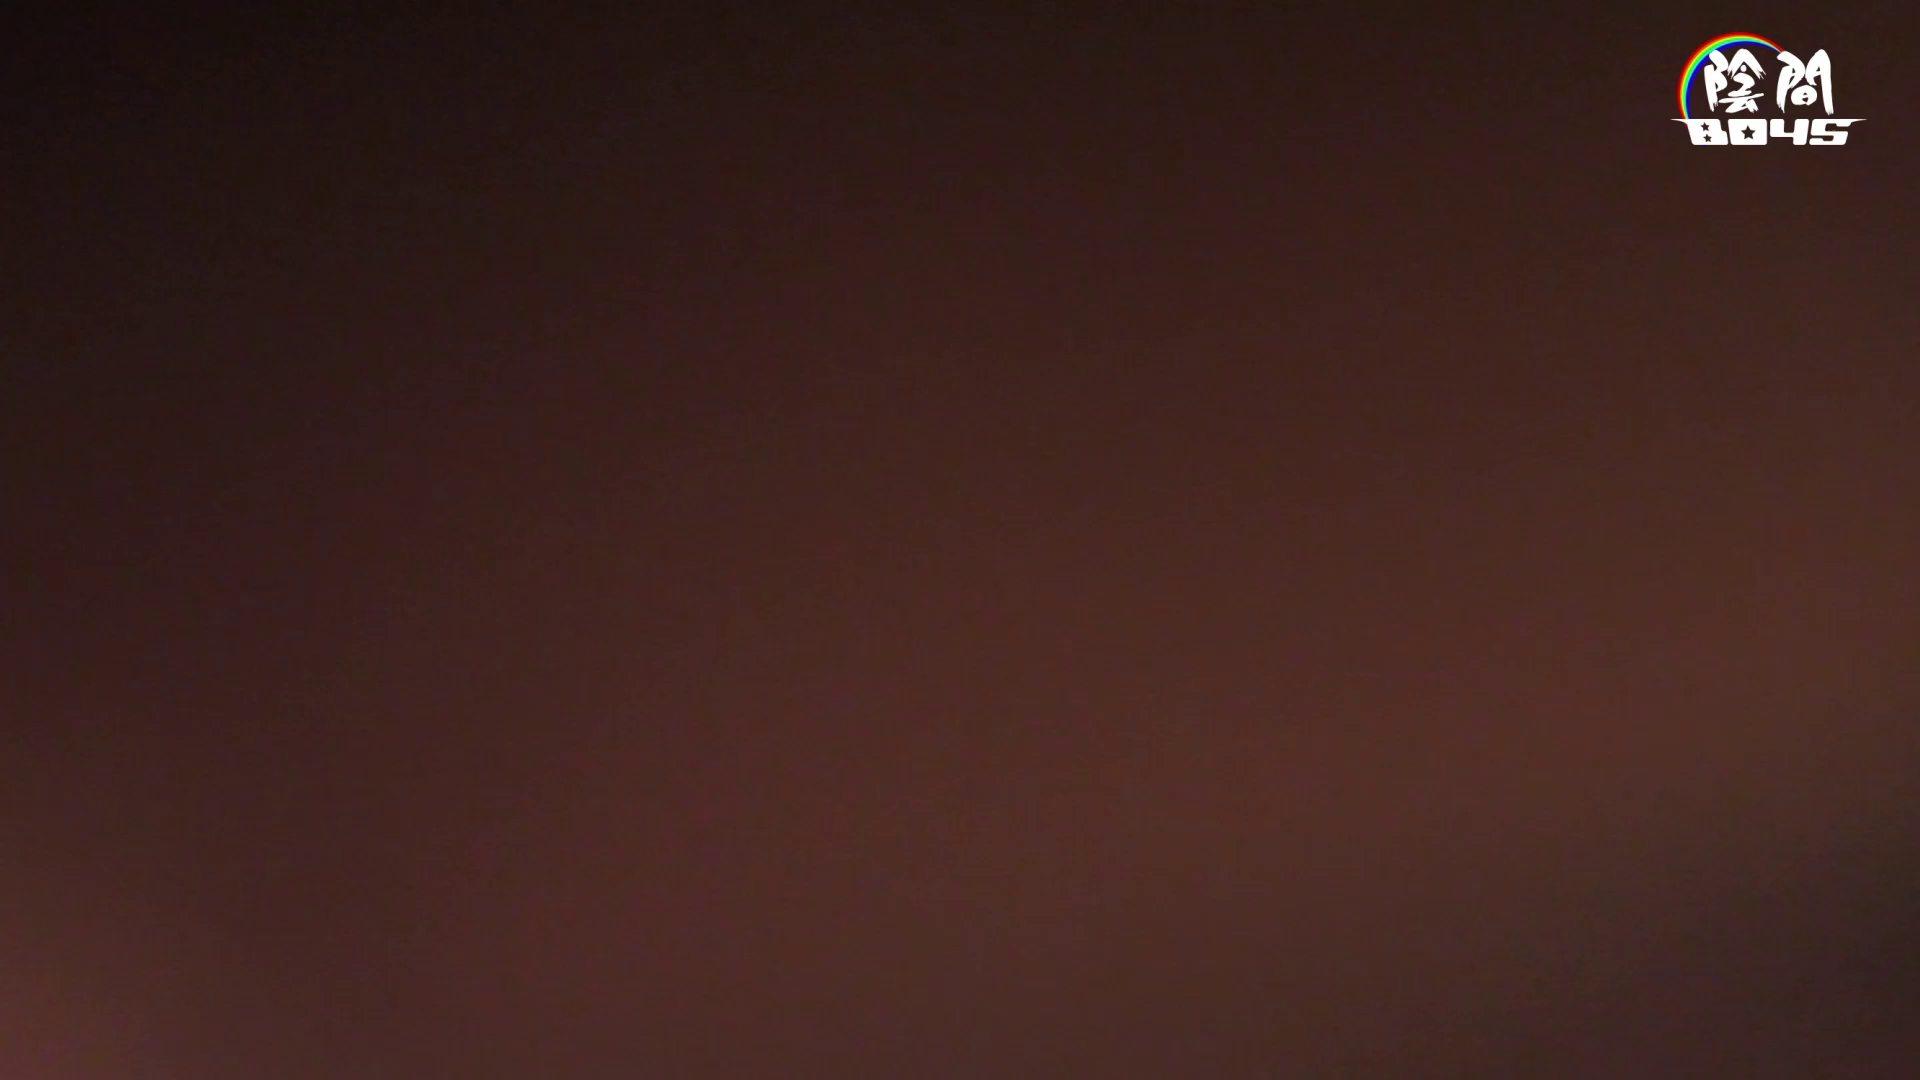 アナルで営業ワン・ツー・ スリーpart2 Vol.4 発射映像 おちんちん画像 107枚 82